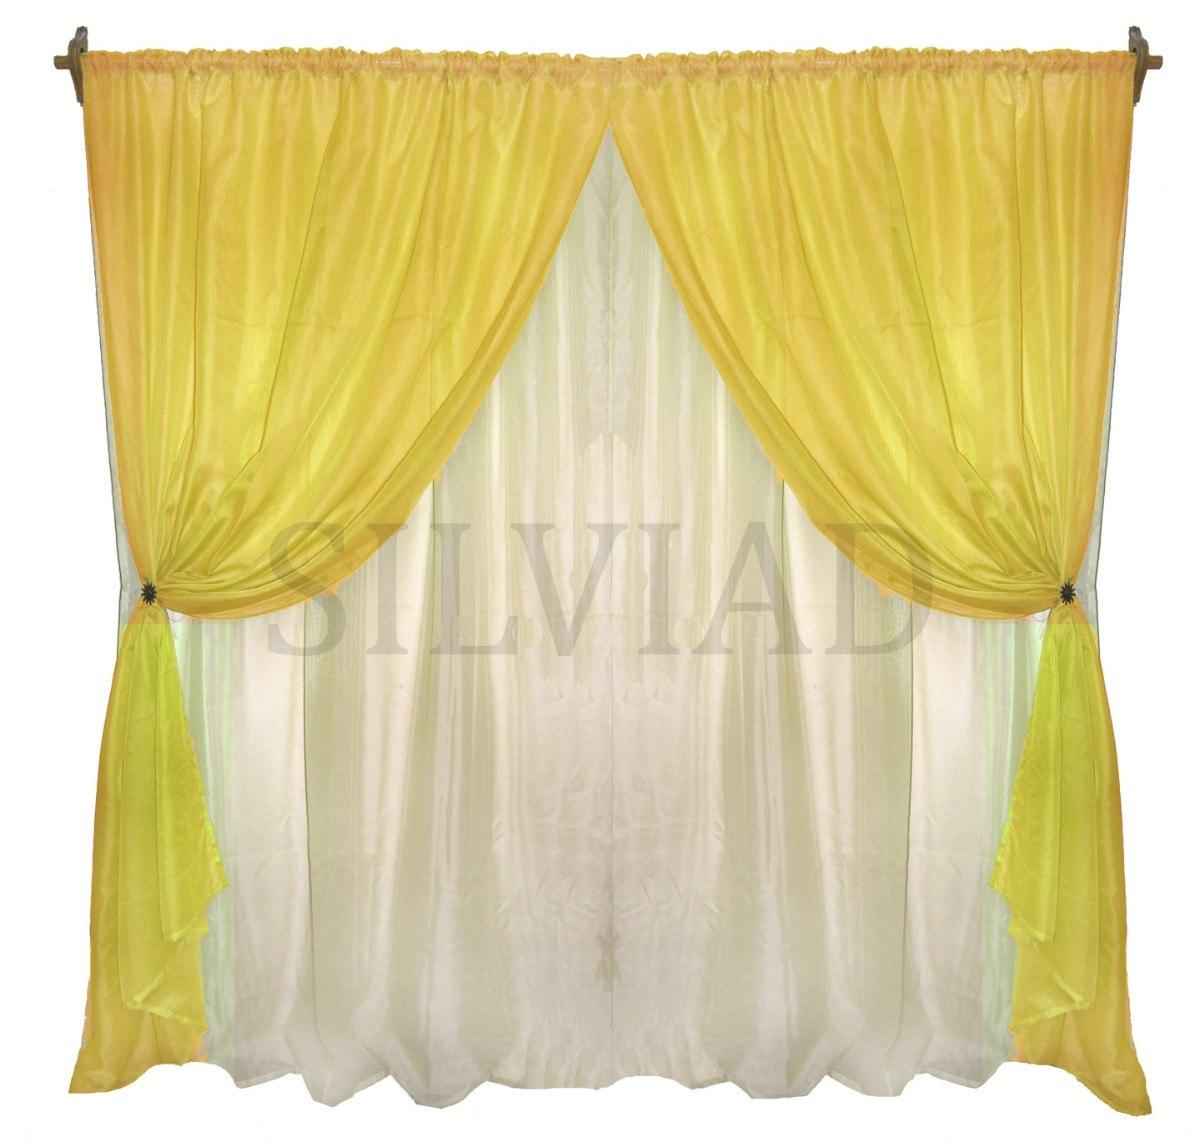 Cortinas tela cortinas y persianas convencionales en - Telas economicas para cortinas ...